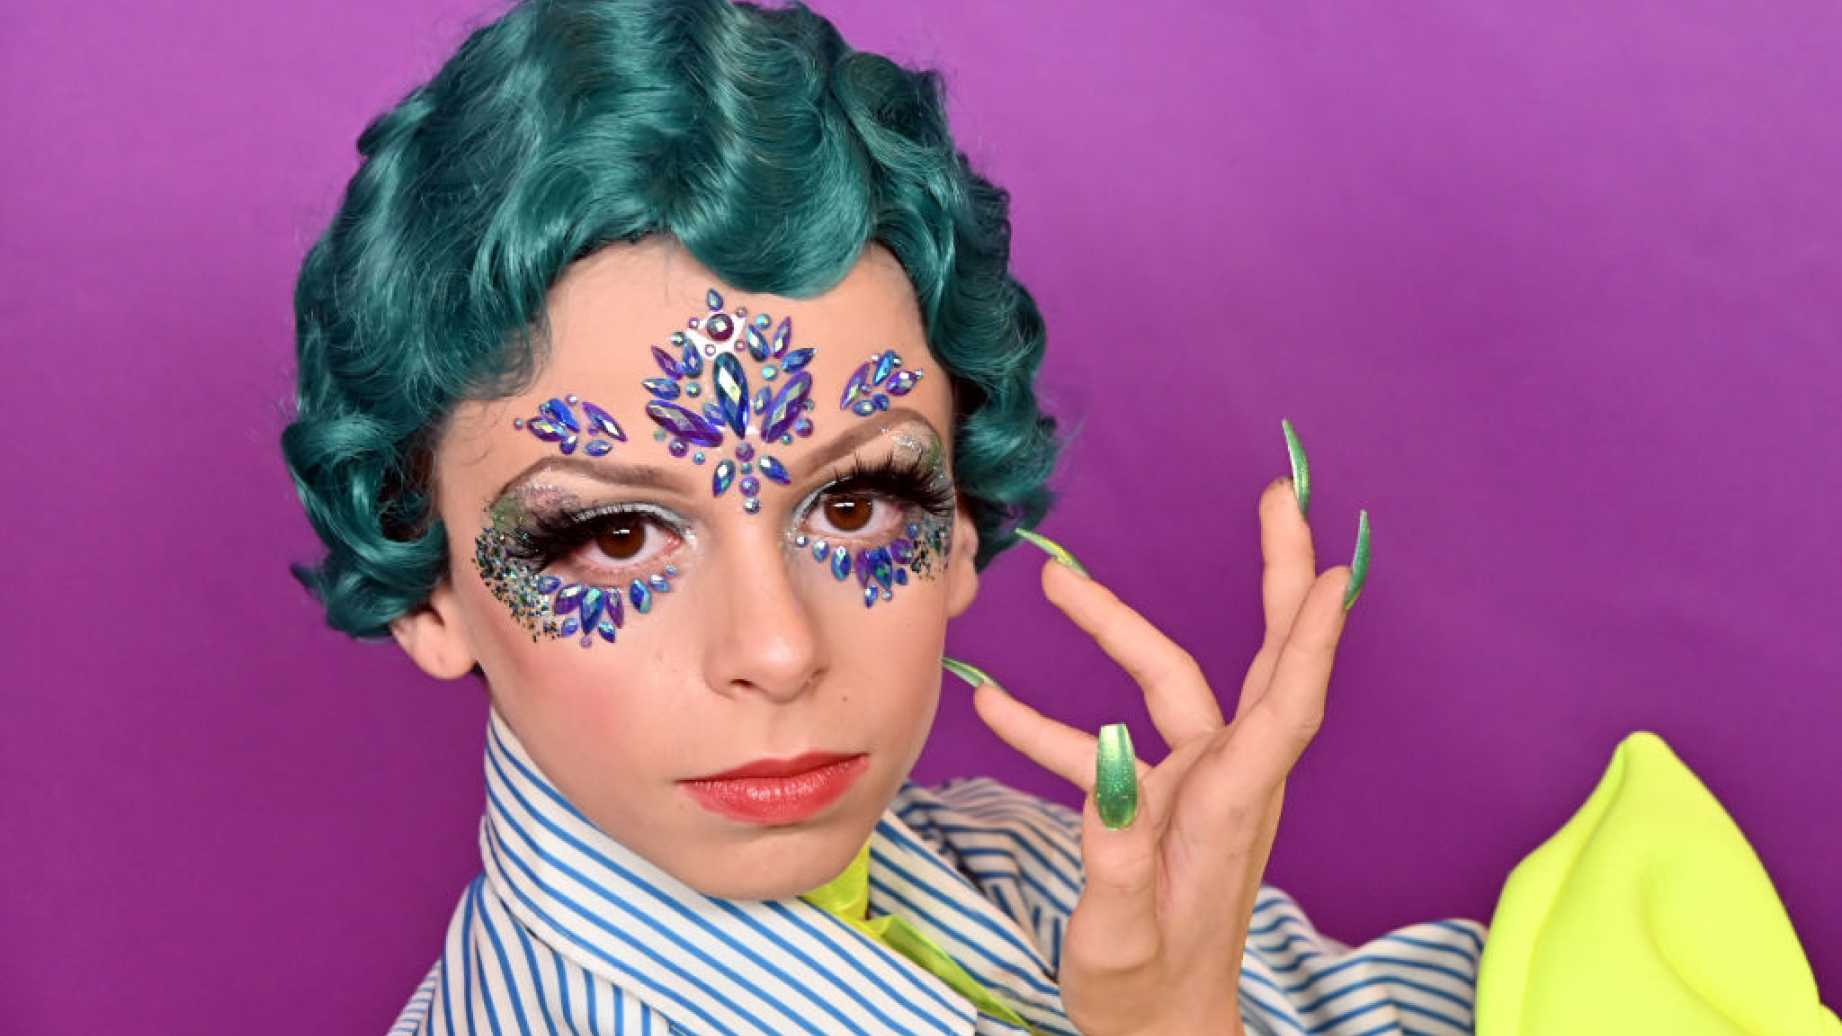 Converse lanza la línea de zapatos 'LGBTQ +' con Niño drag queen